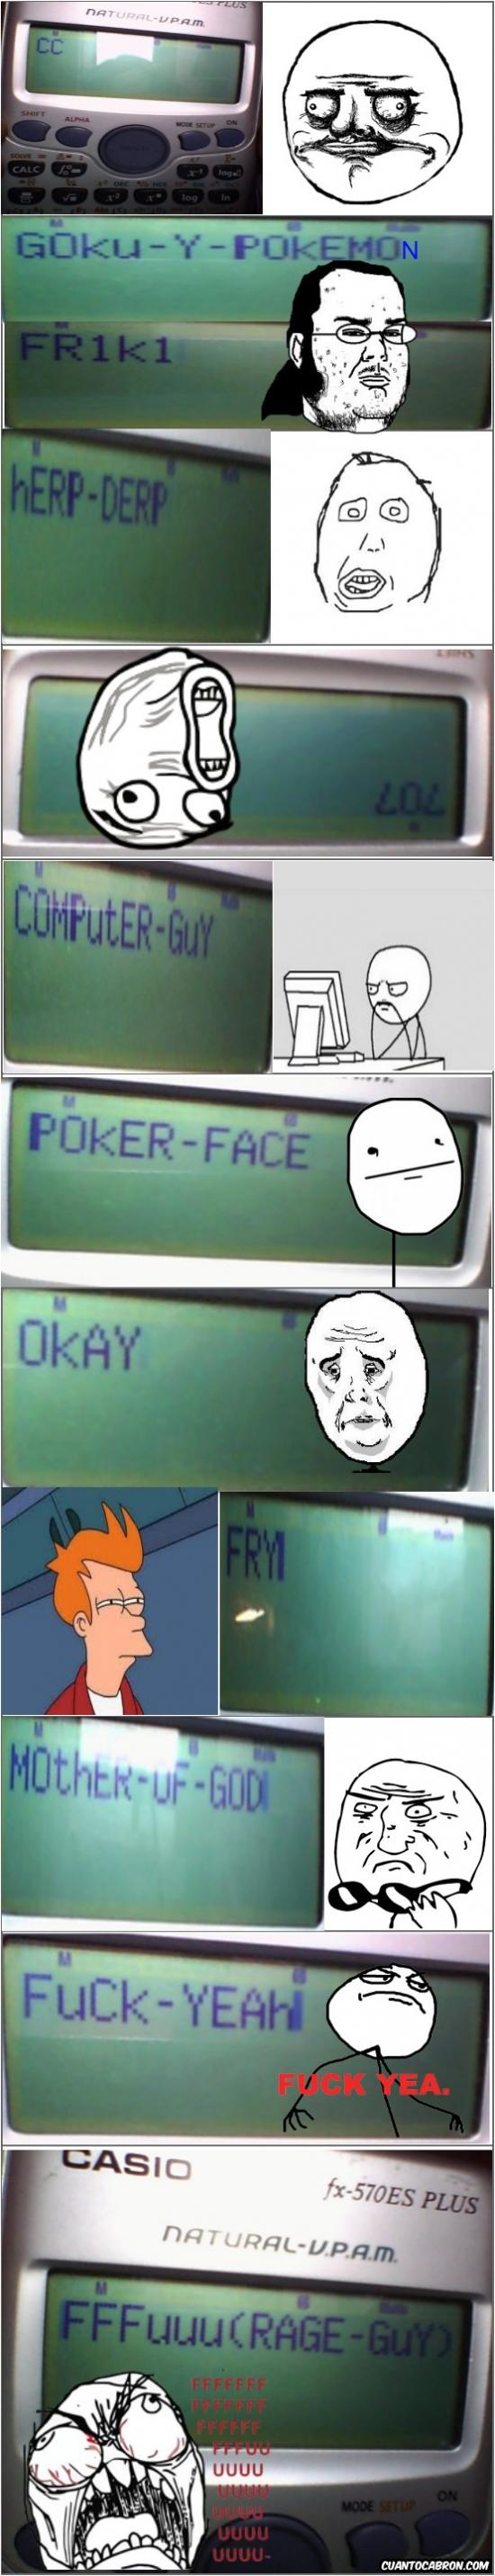 Mix - Los memes en las calculadoras